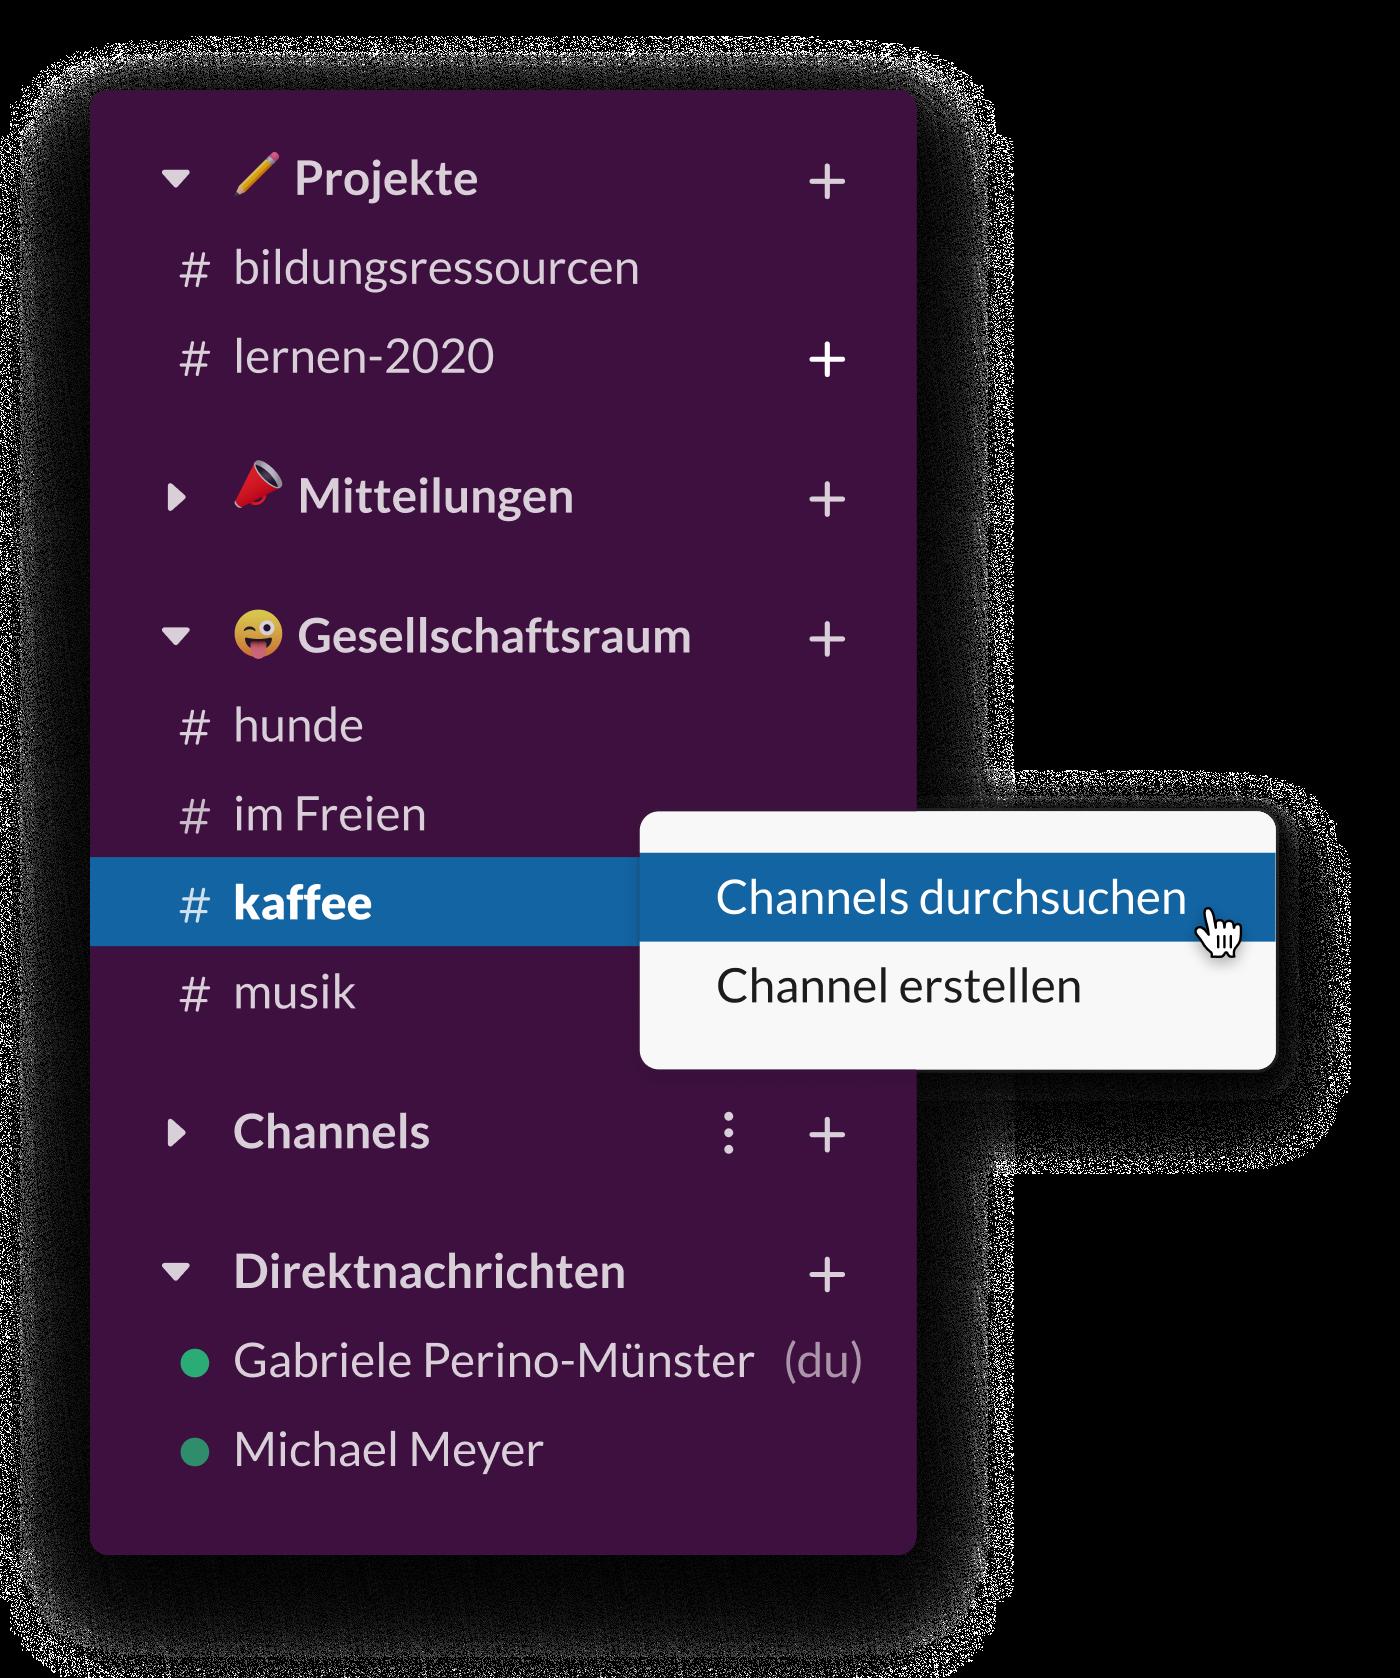 Eine Slack-Seitenleiste mit mehreren sozialen Channels, z. B. #kaffee und #hunde